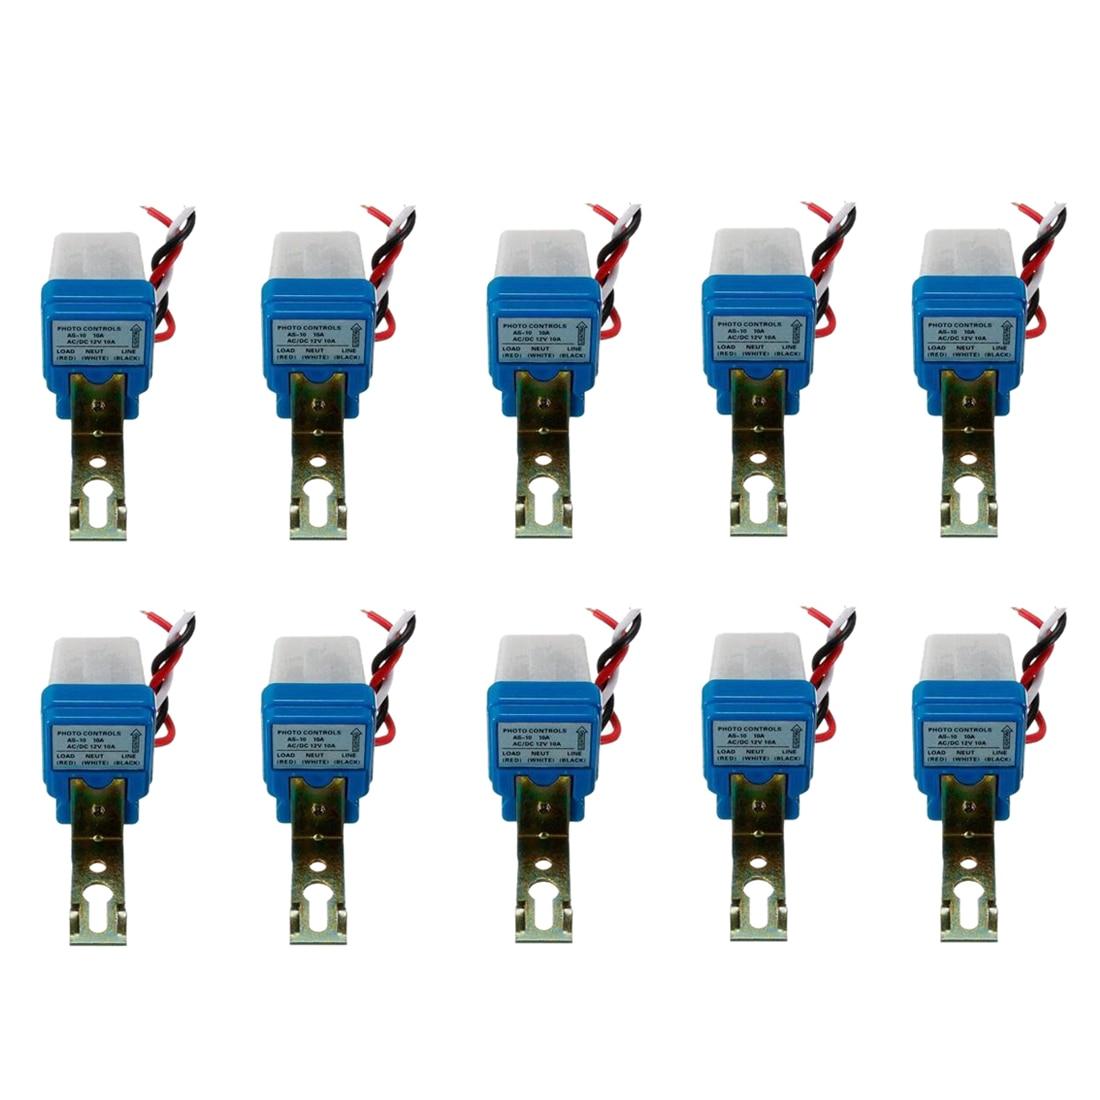 10Pcs Auto On Off Photocell Street Light Photoswitch Sensor Switch AC/DC 12V 10A